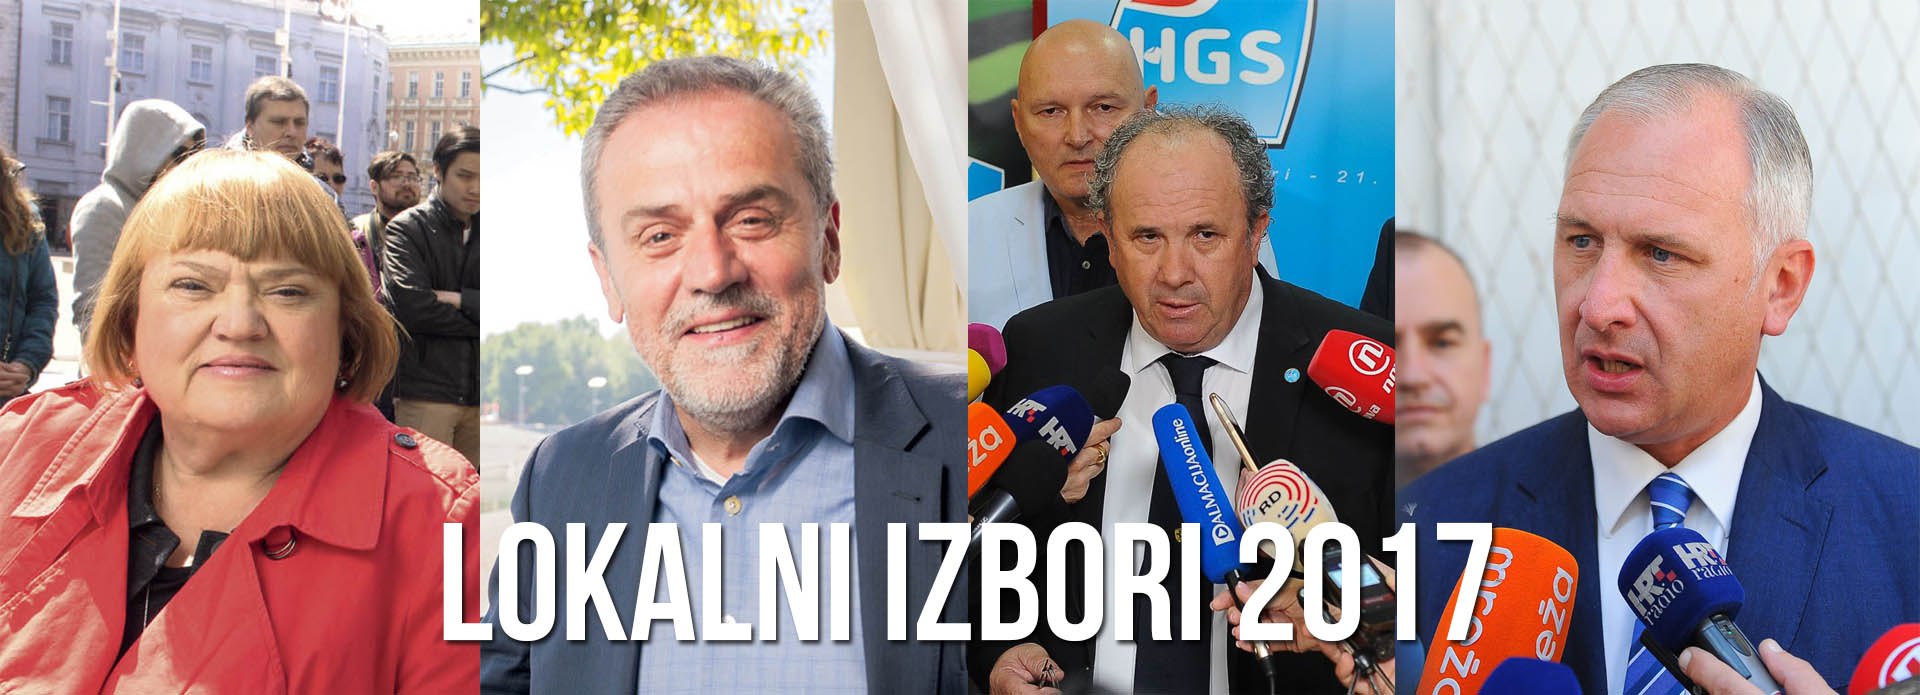 UŽIVO: PRVI REZULTATI IZ DIP-A Bandić povećao vodstvo, Opara prestigao Keruma